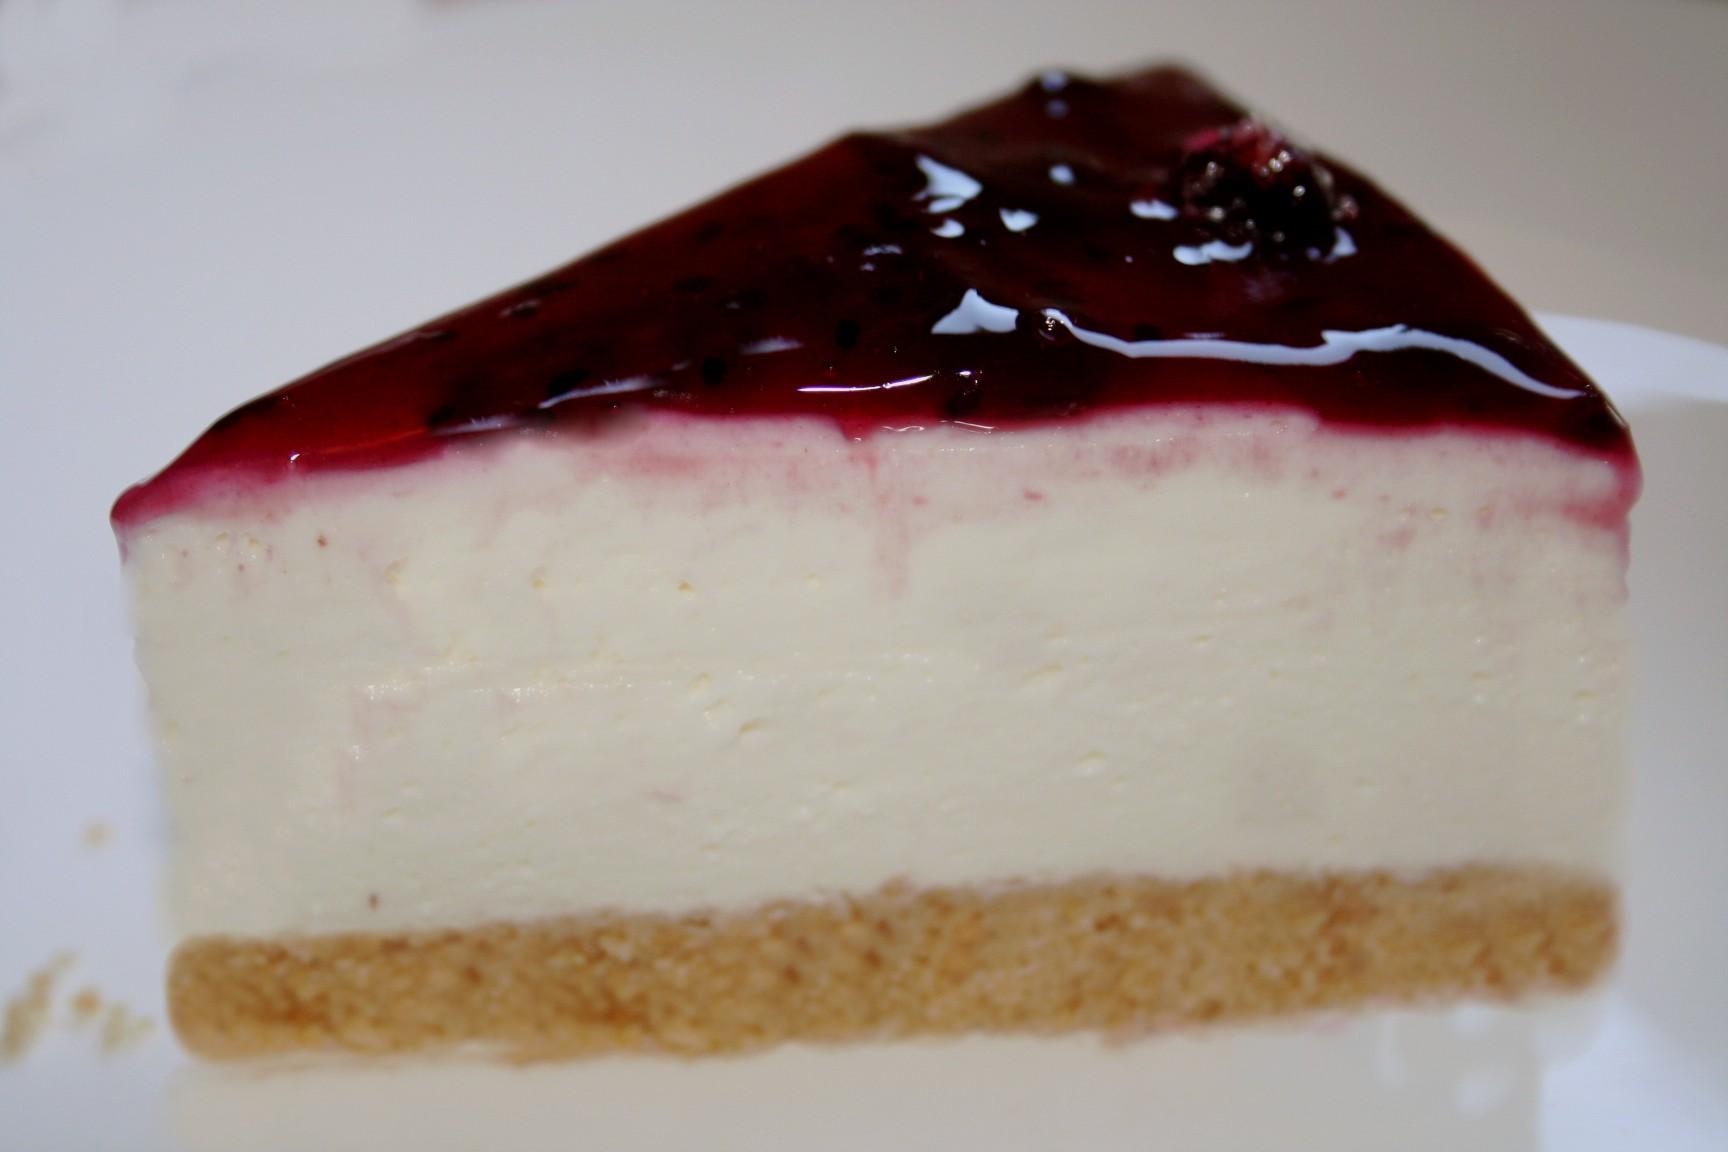 עוגת גבינה קרה עם אוכמניות